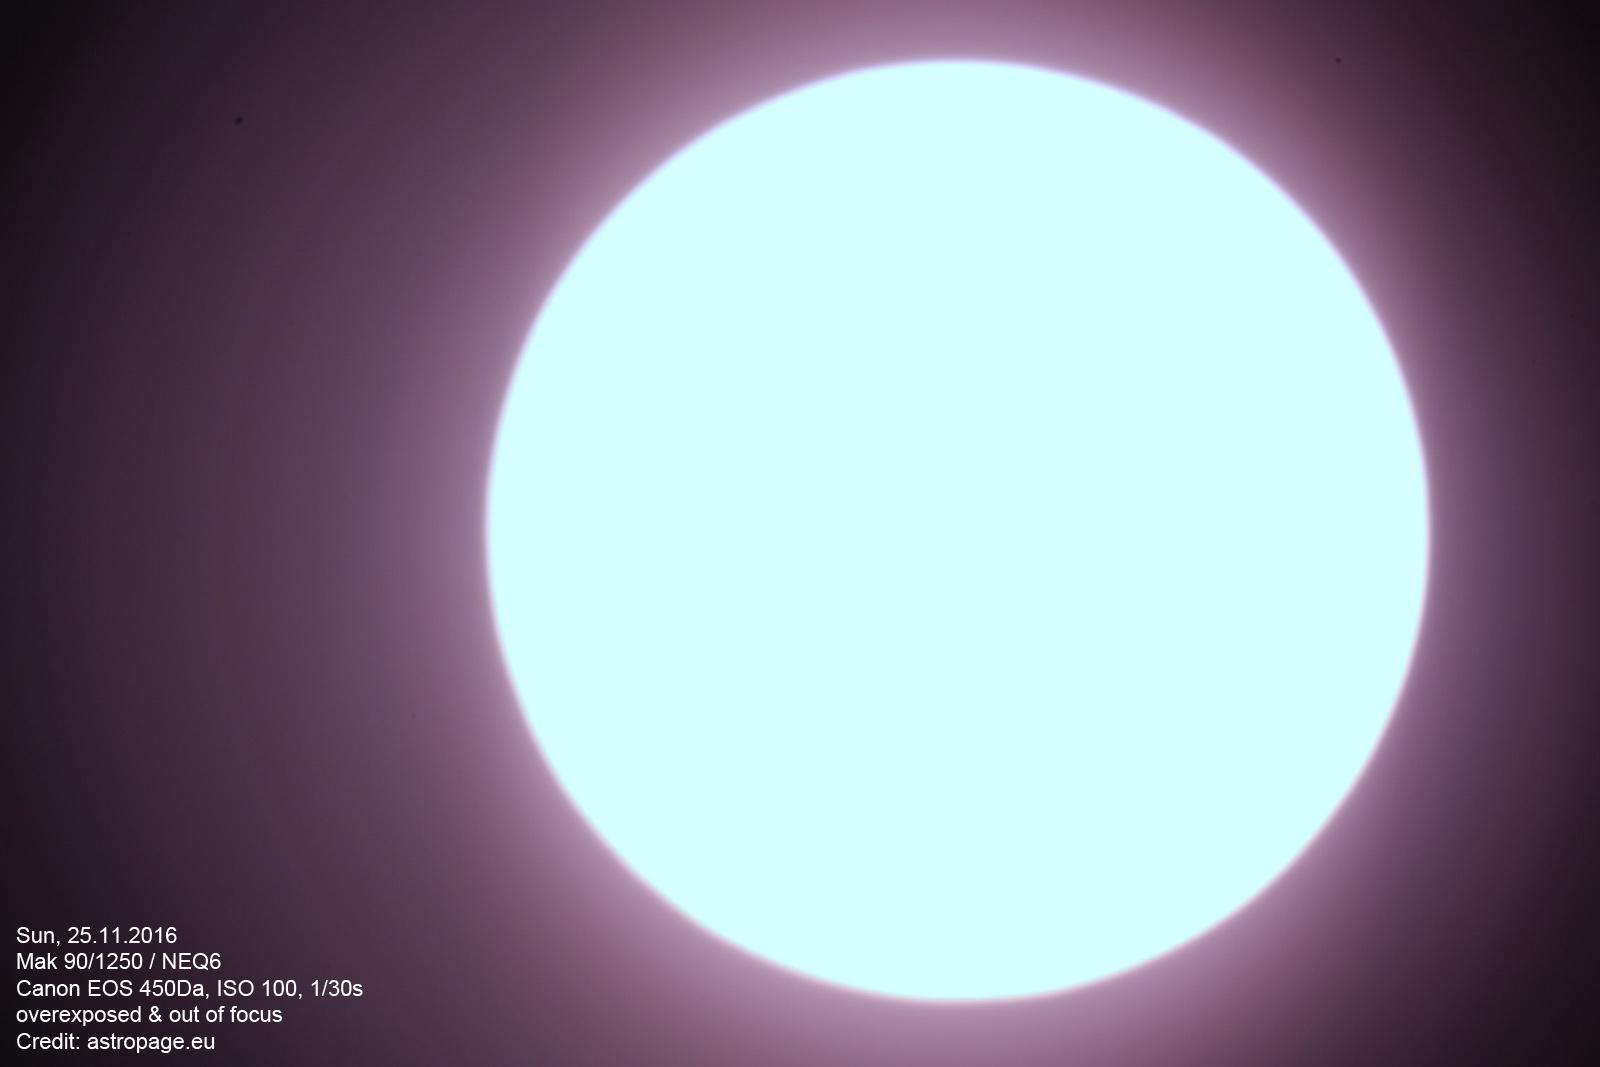 Sonne - überbelichtet und außerhalb des Fokus. (astropage.eu)